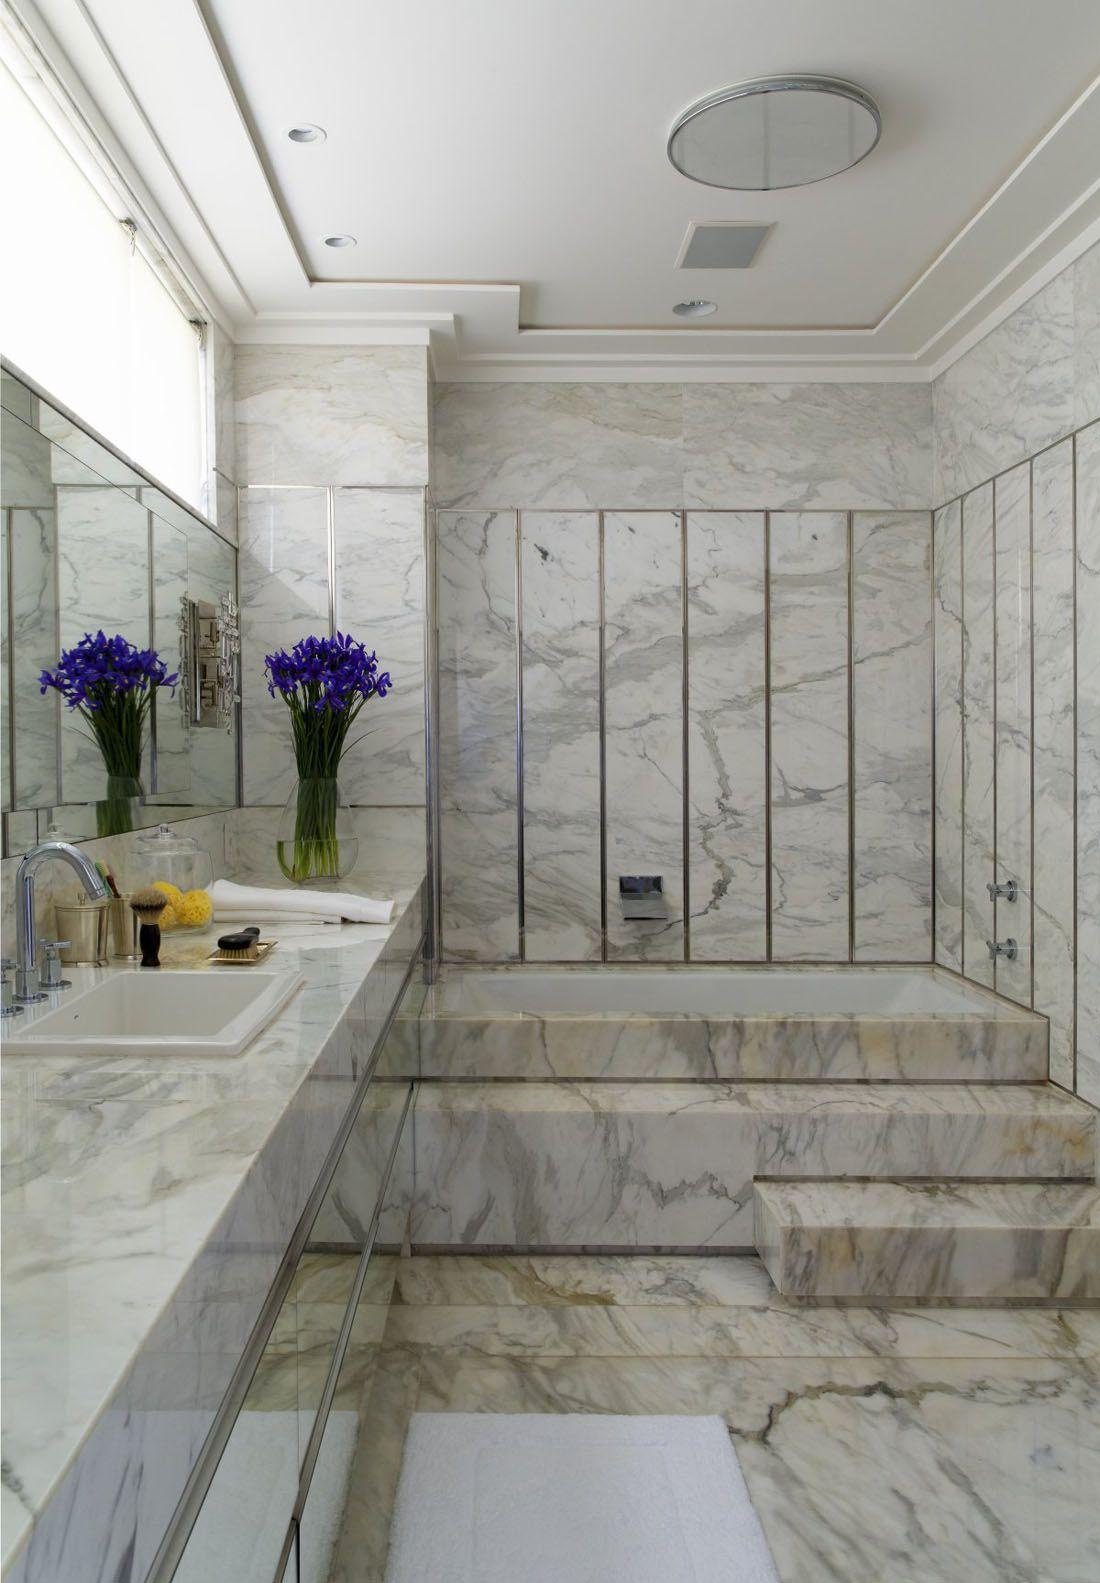 classic marble bathroom design with a bathtub #marble #floor